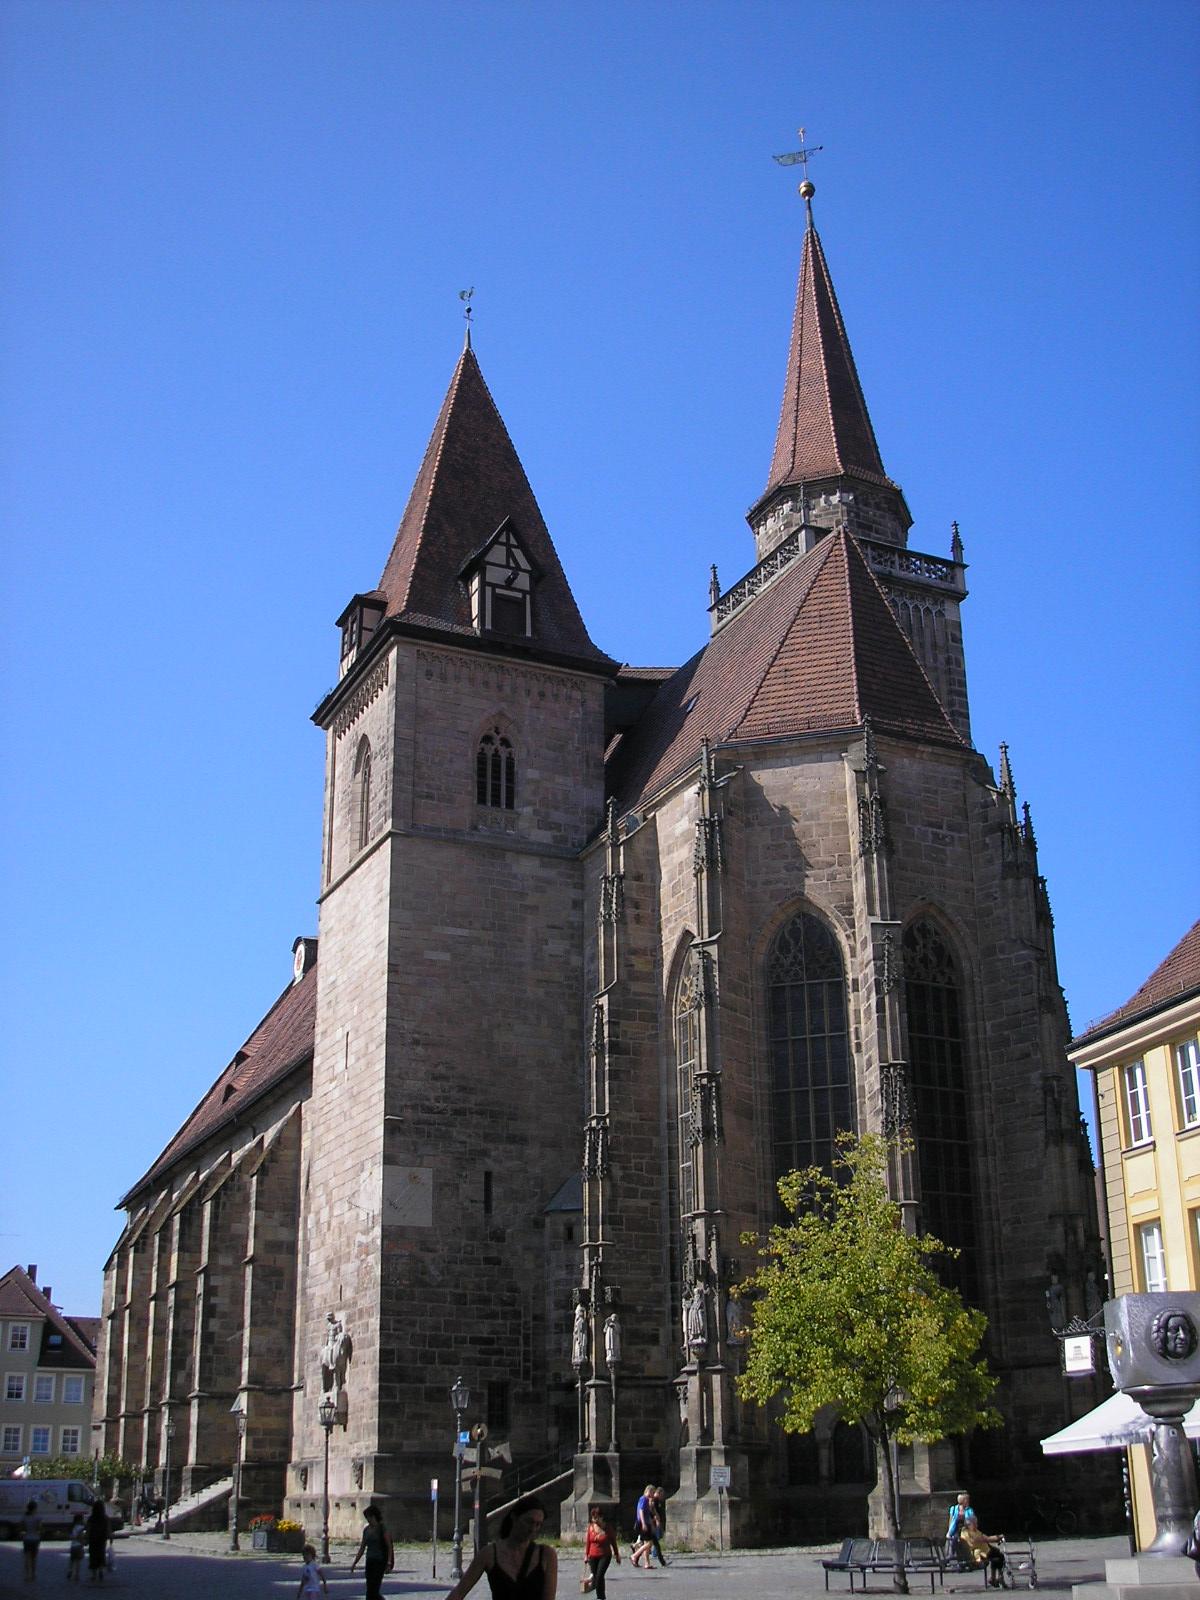 St Johannis Ansbach  Wikipedia